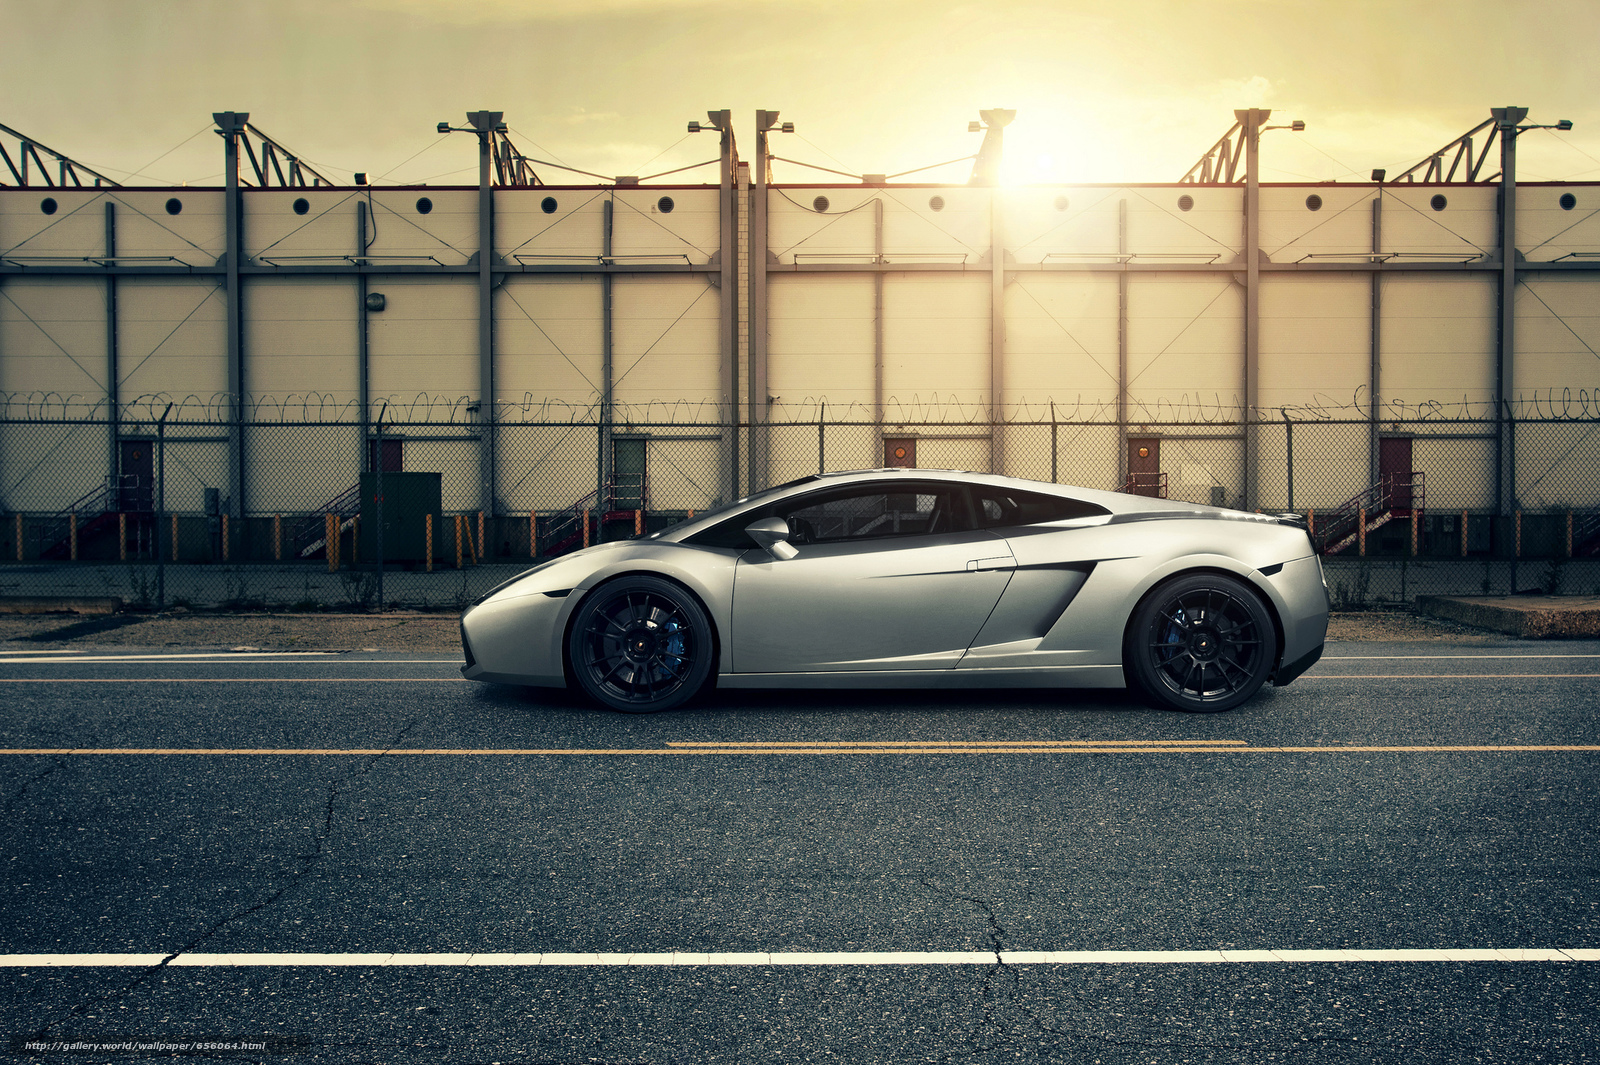 Скачать обои Lamborghini,  машина,  автомобиль бесплатно для рабочего стола в разрешении 2048x1363 — картинка №656064